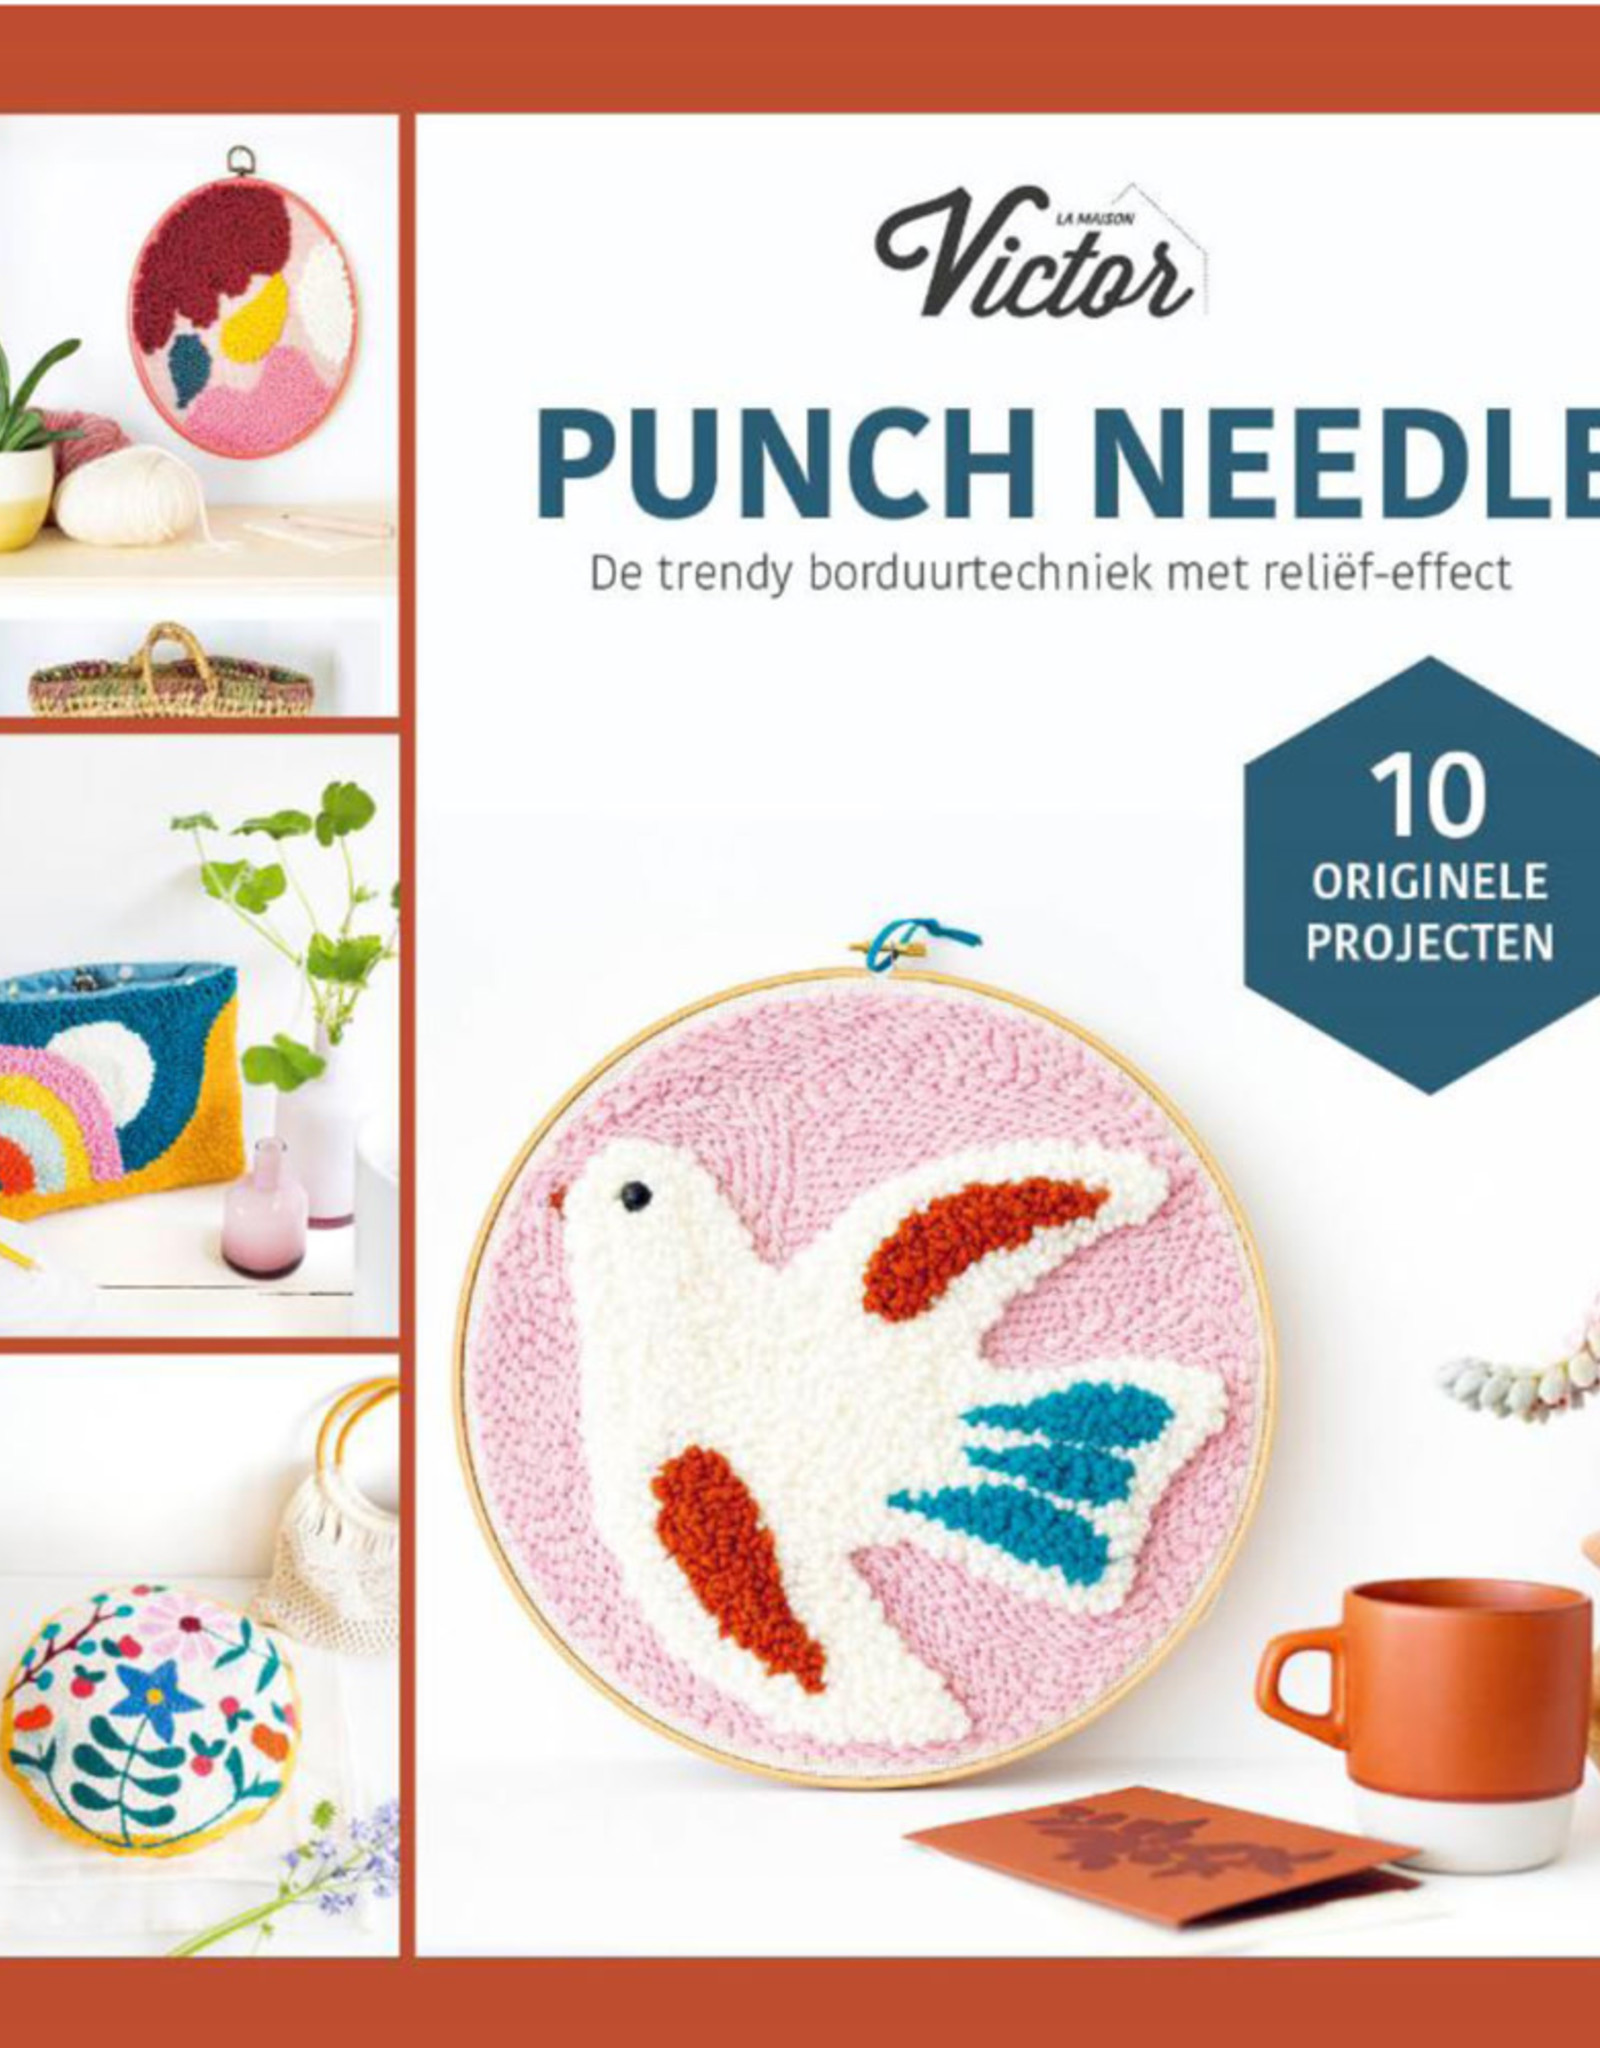 La Maison Victor La Maison Victor boek punch needle